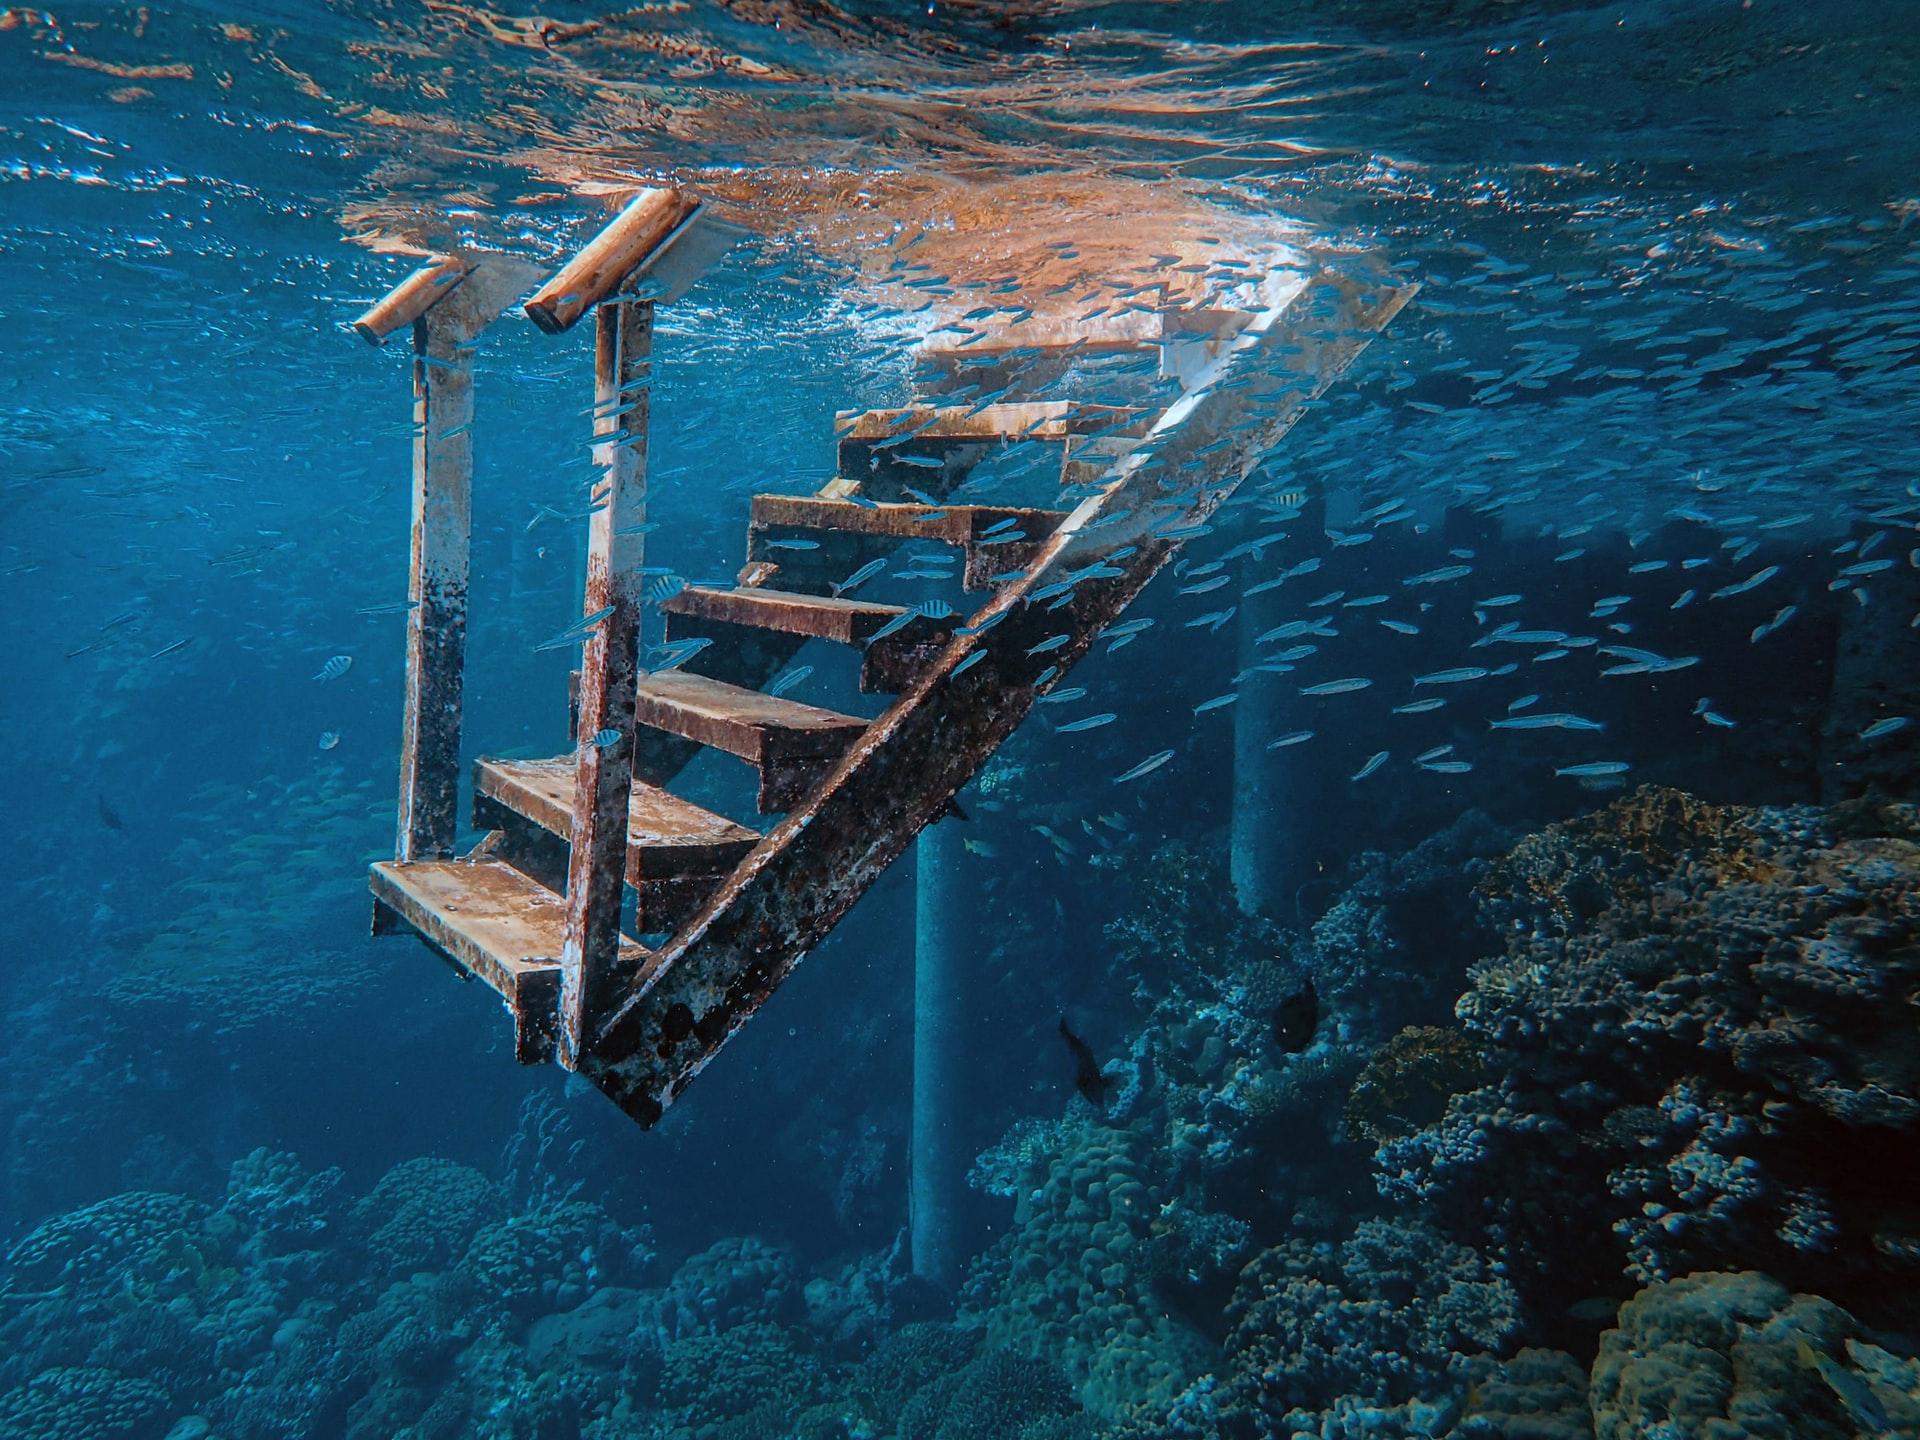 YouTubeでスキューバダイビング~エジプトの紅海を泳いでみよう